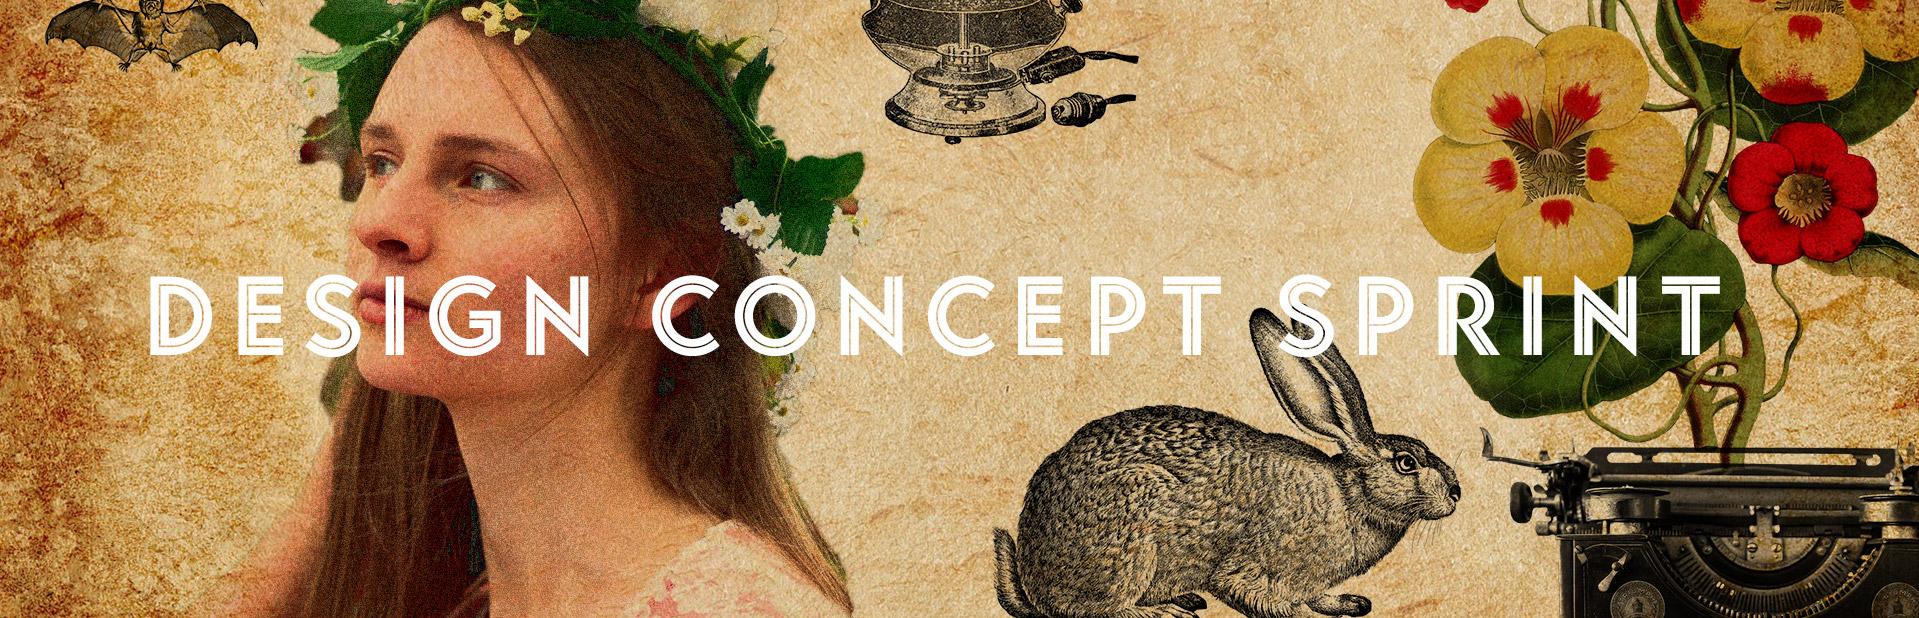 「如何共創設計概念?透過 SPRINT 定義品牌形象」のアイキャッチ画像